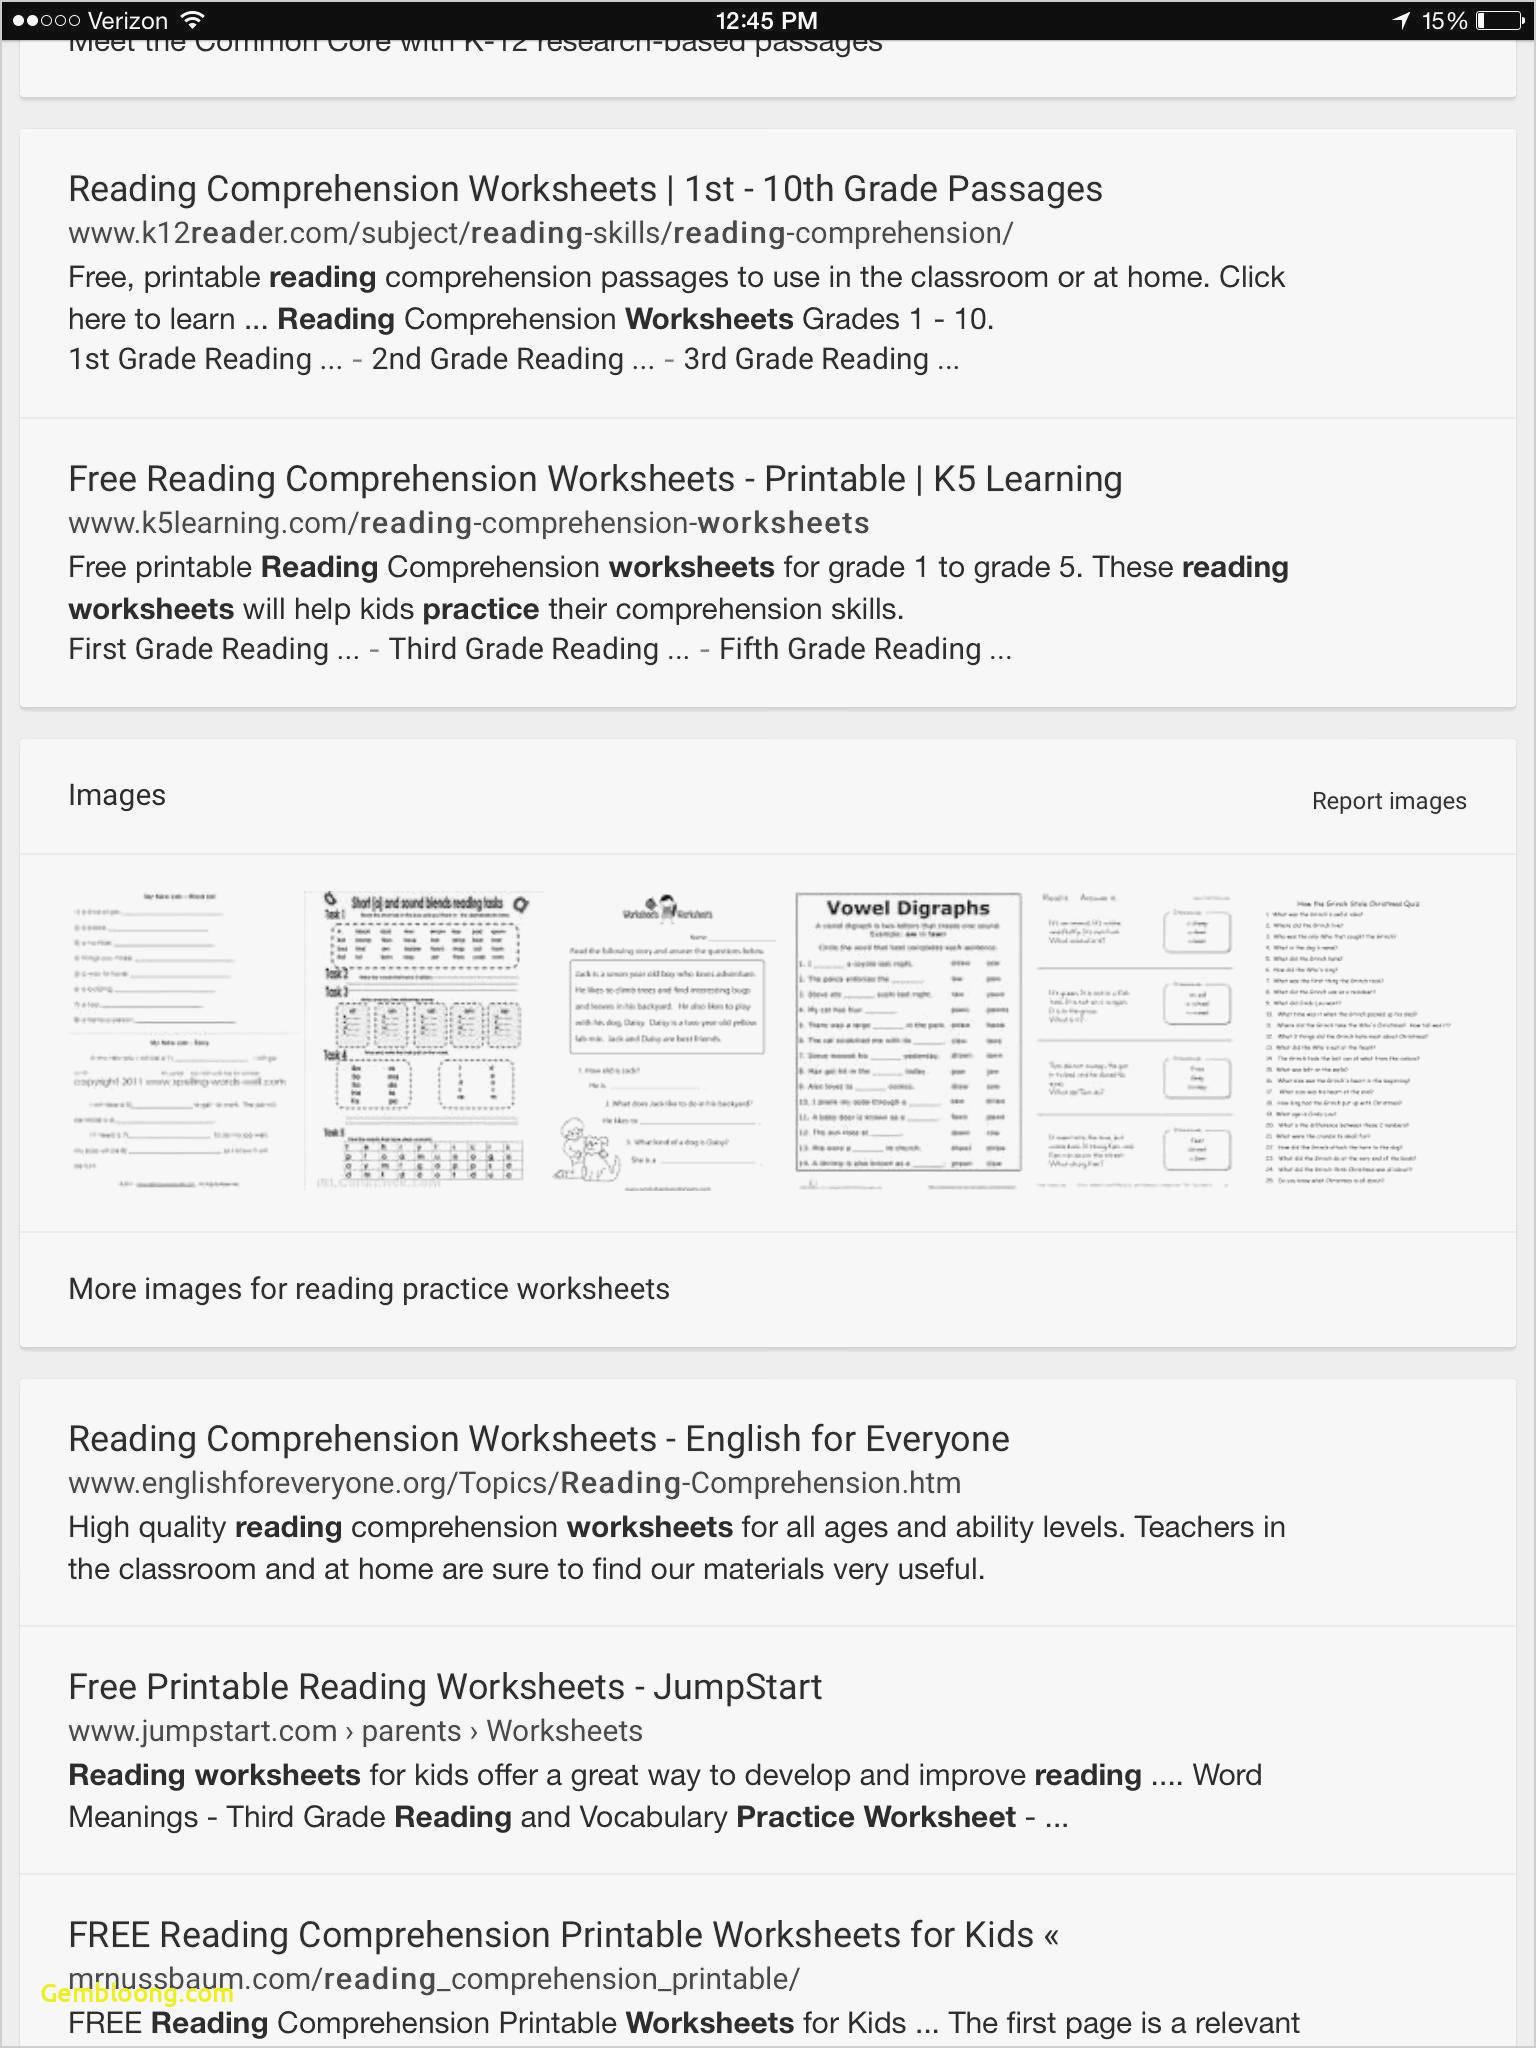 Reading Comprehension Worksheets For 1St Grade - Cramerforcongress | Third Grade Reading Worksheets Free Printable